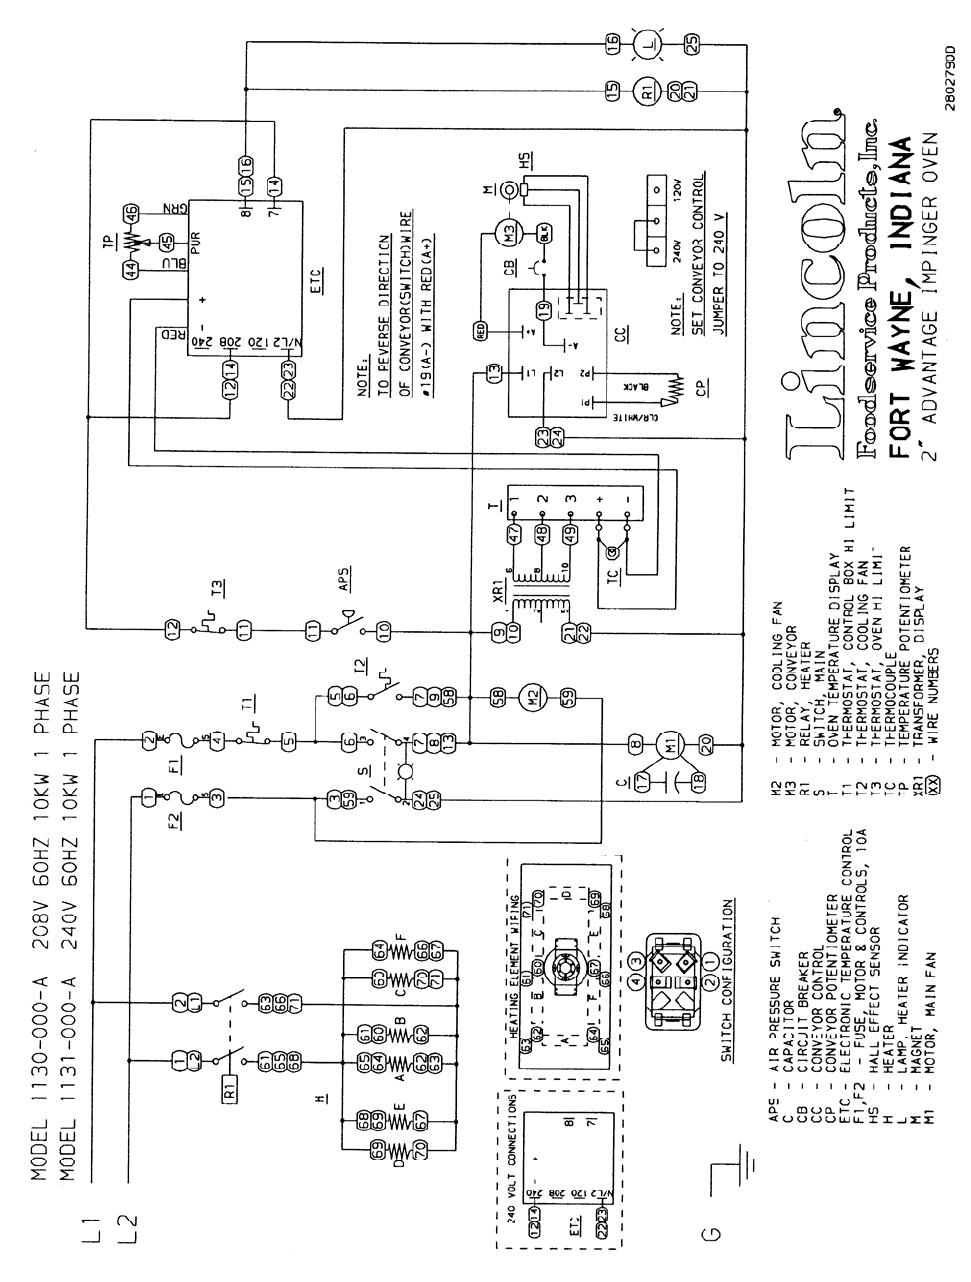 medium resolution of lincoln impinger 1116 manual rh lincoln impinger 1116 manual collegelab us